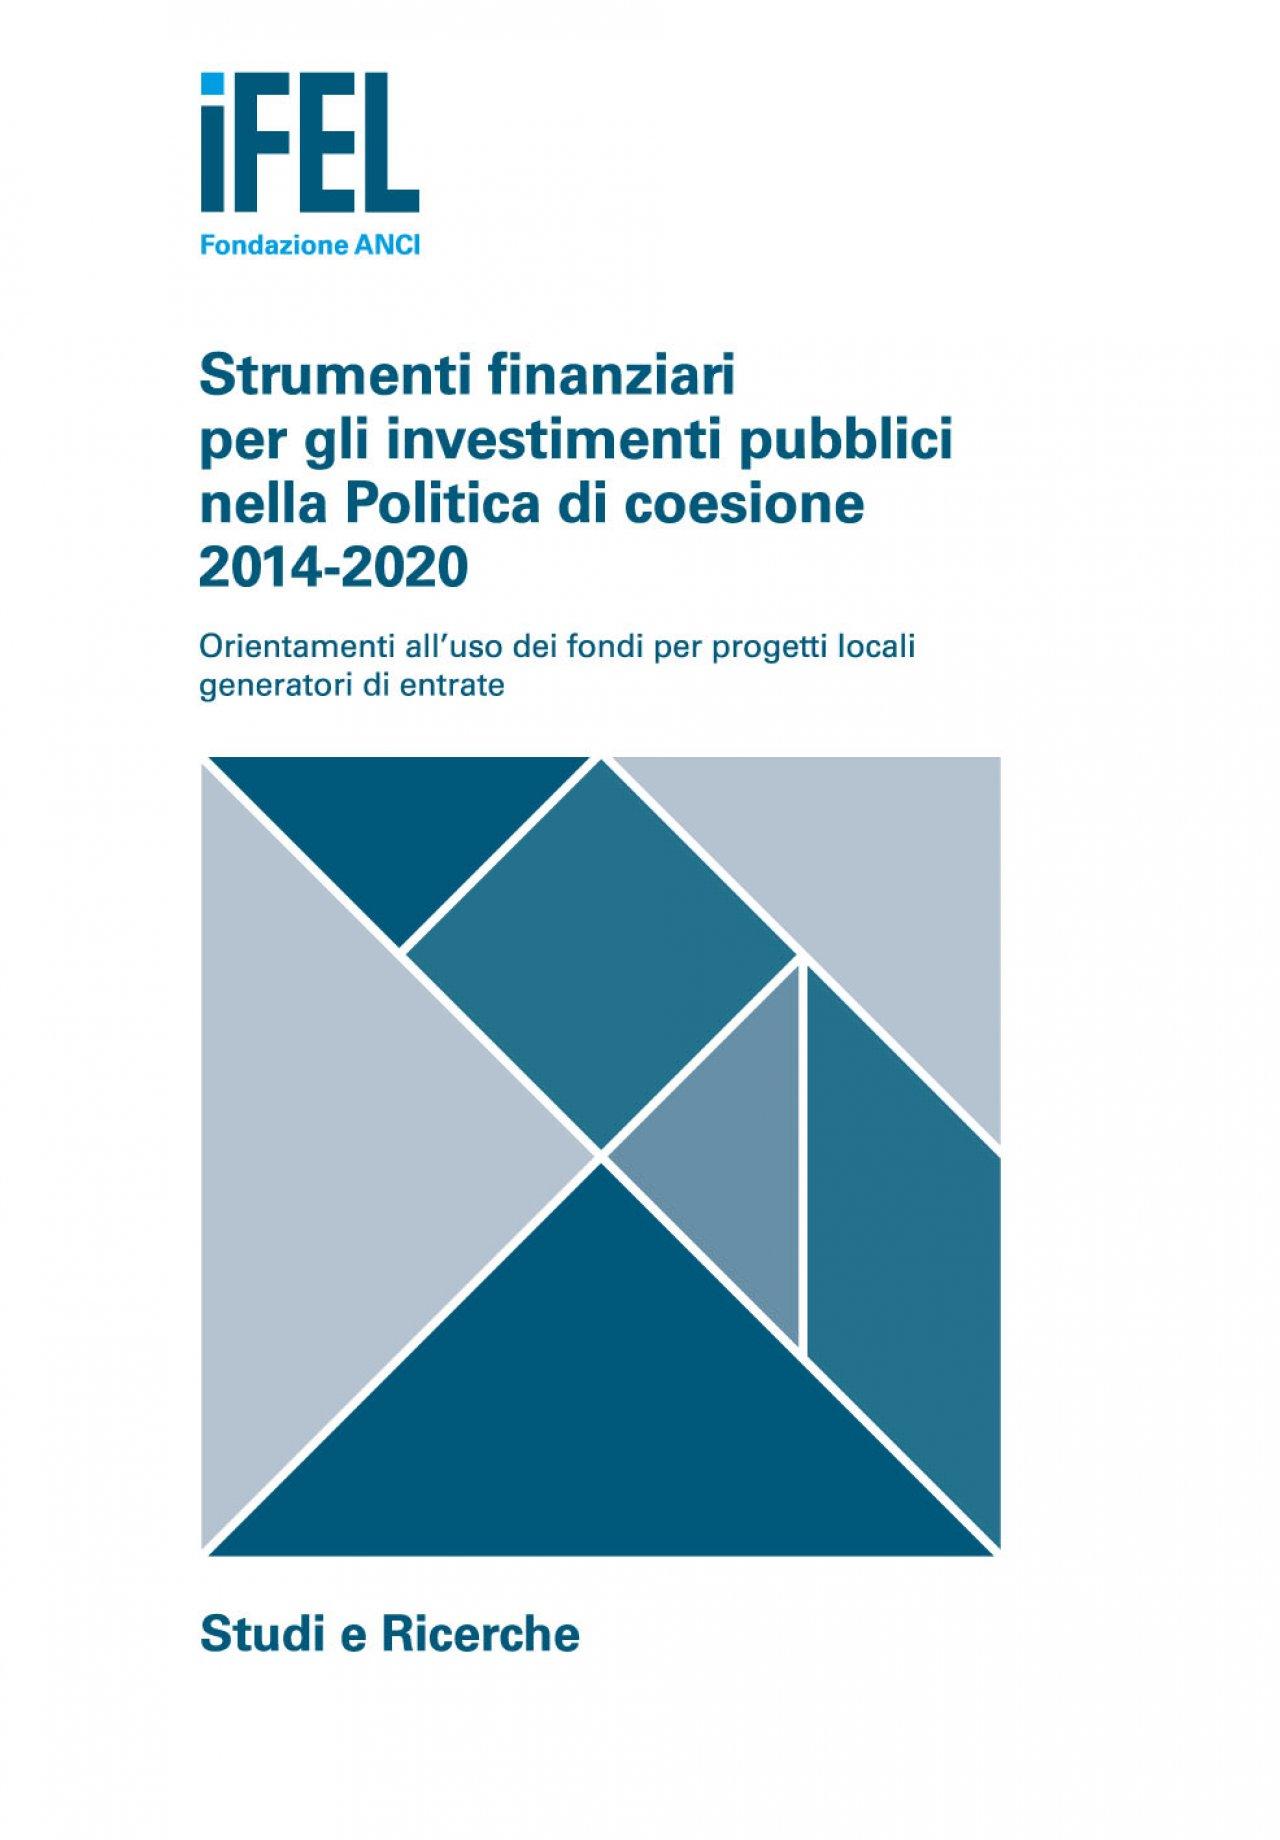 Strumenti finanziari per gli investimenti pubblici nella Politica di coesione 2014-2020 - Orientamenti all'uso dei fondi per progetti locali generatori di entrate